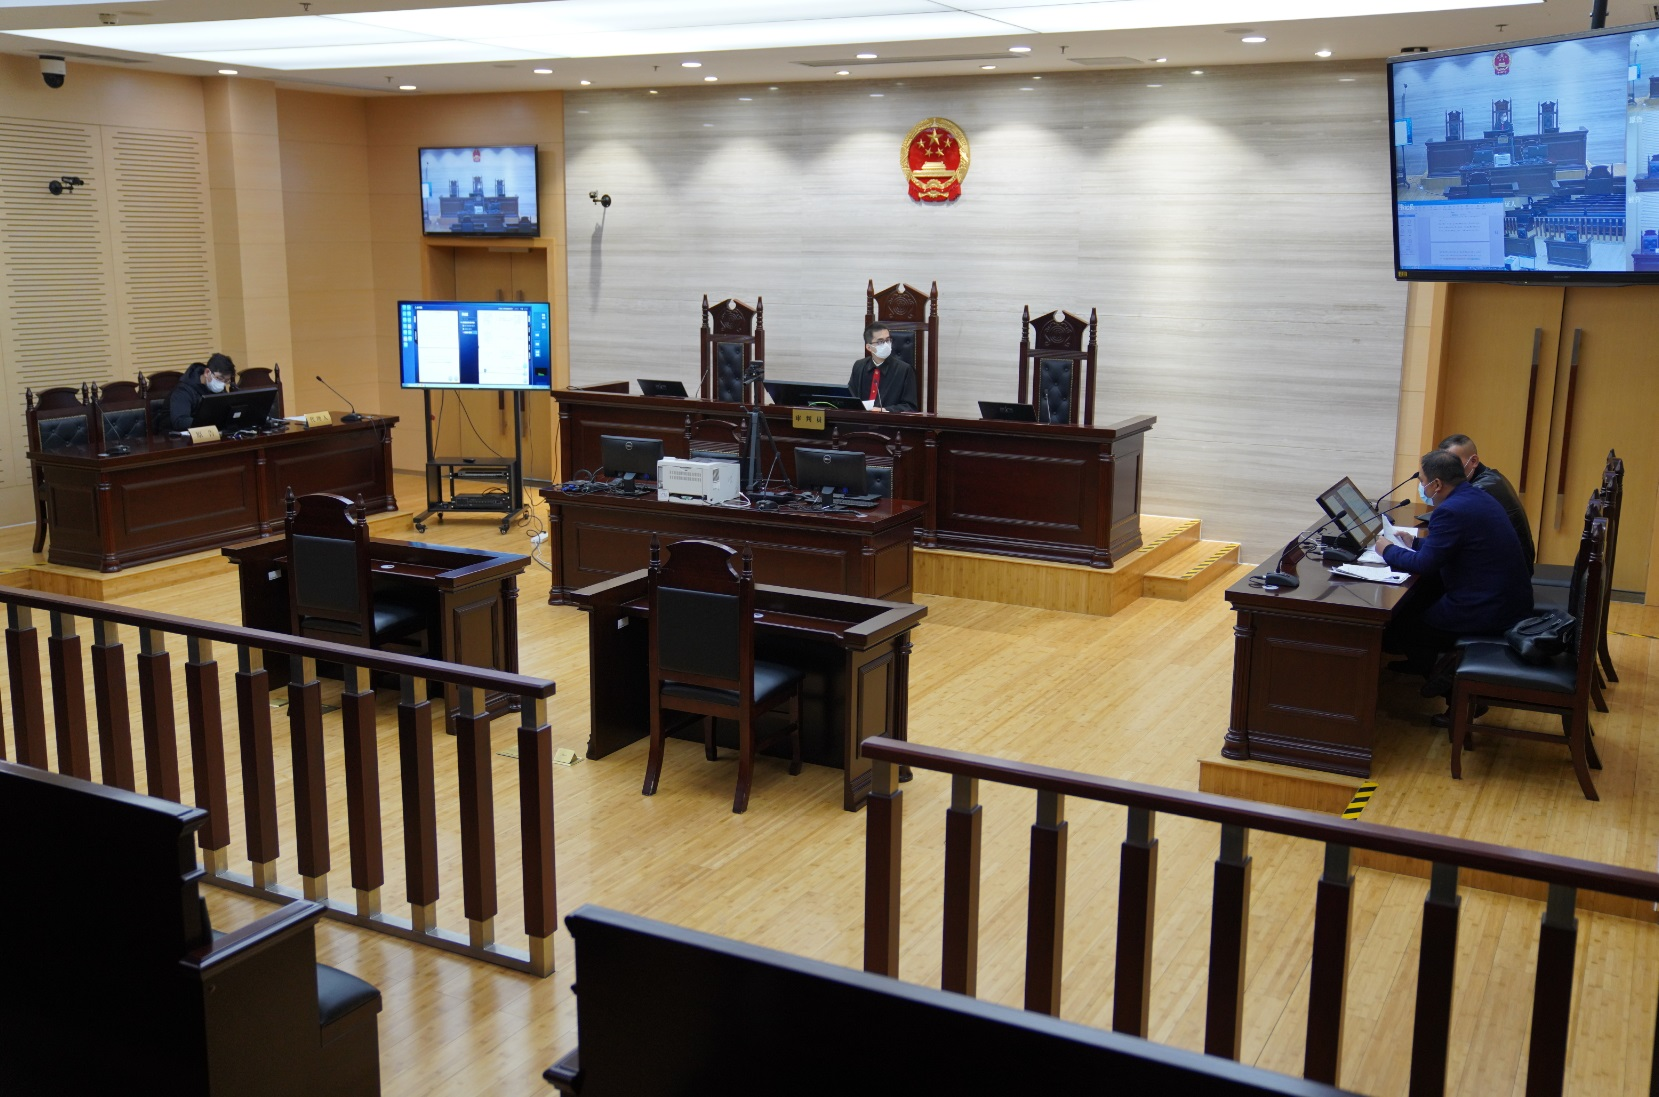 上海法院首次探索采用区块链存证技术,4月起10家法院试点庭审记录改革